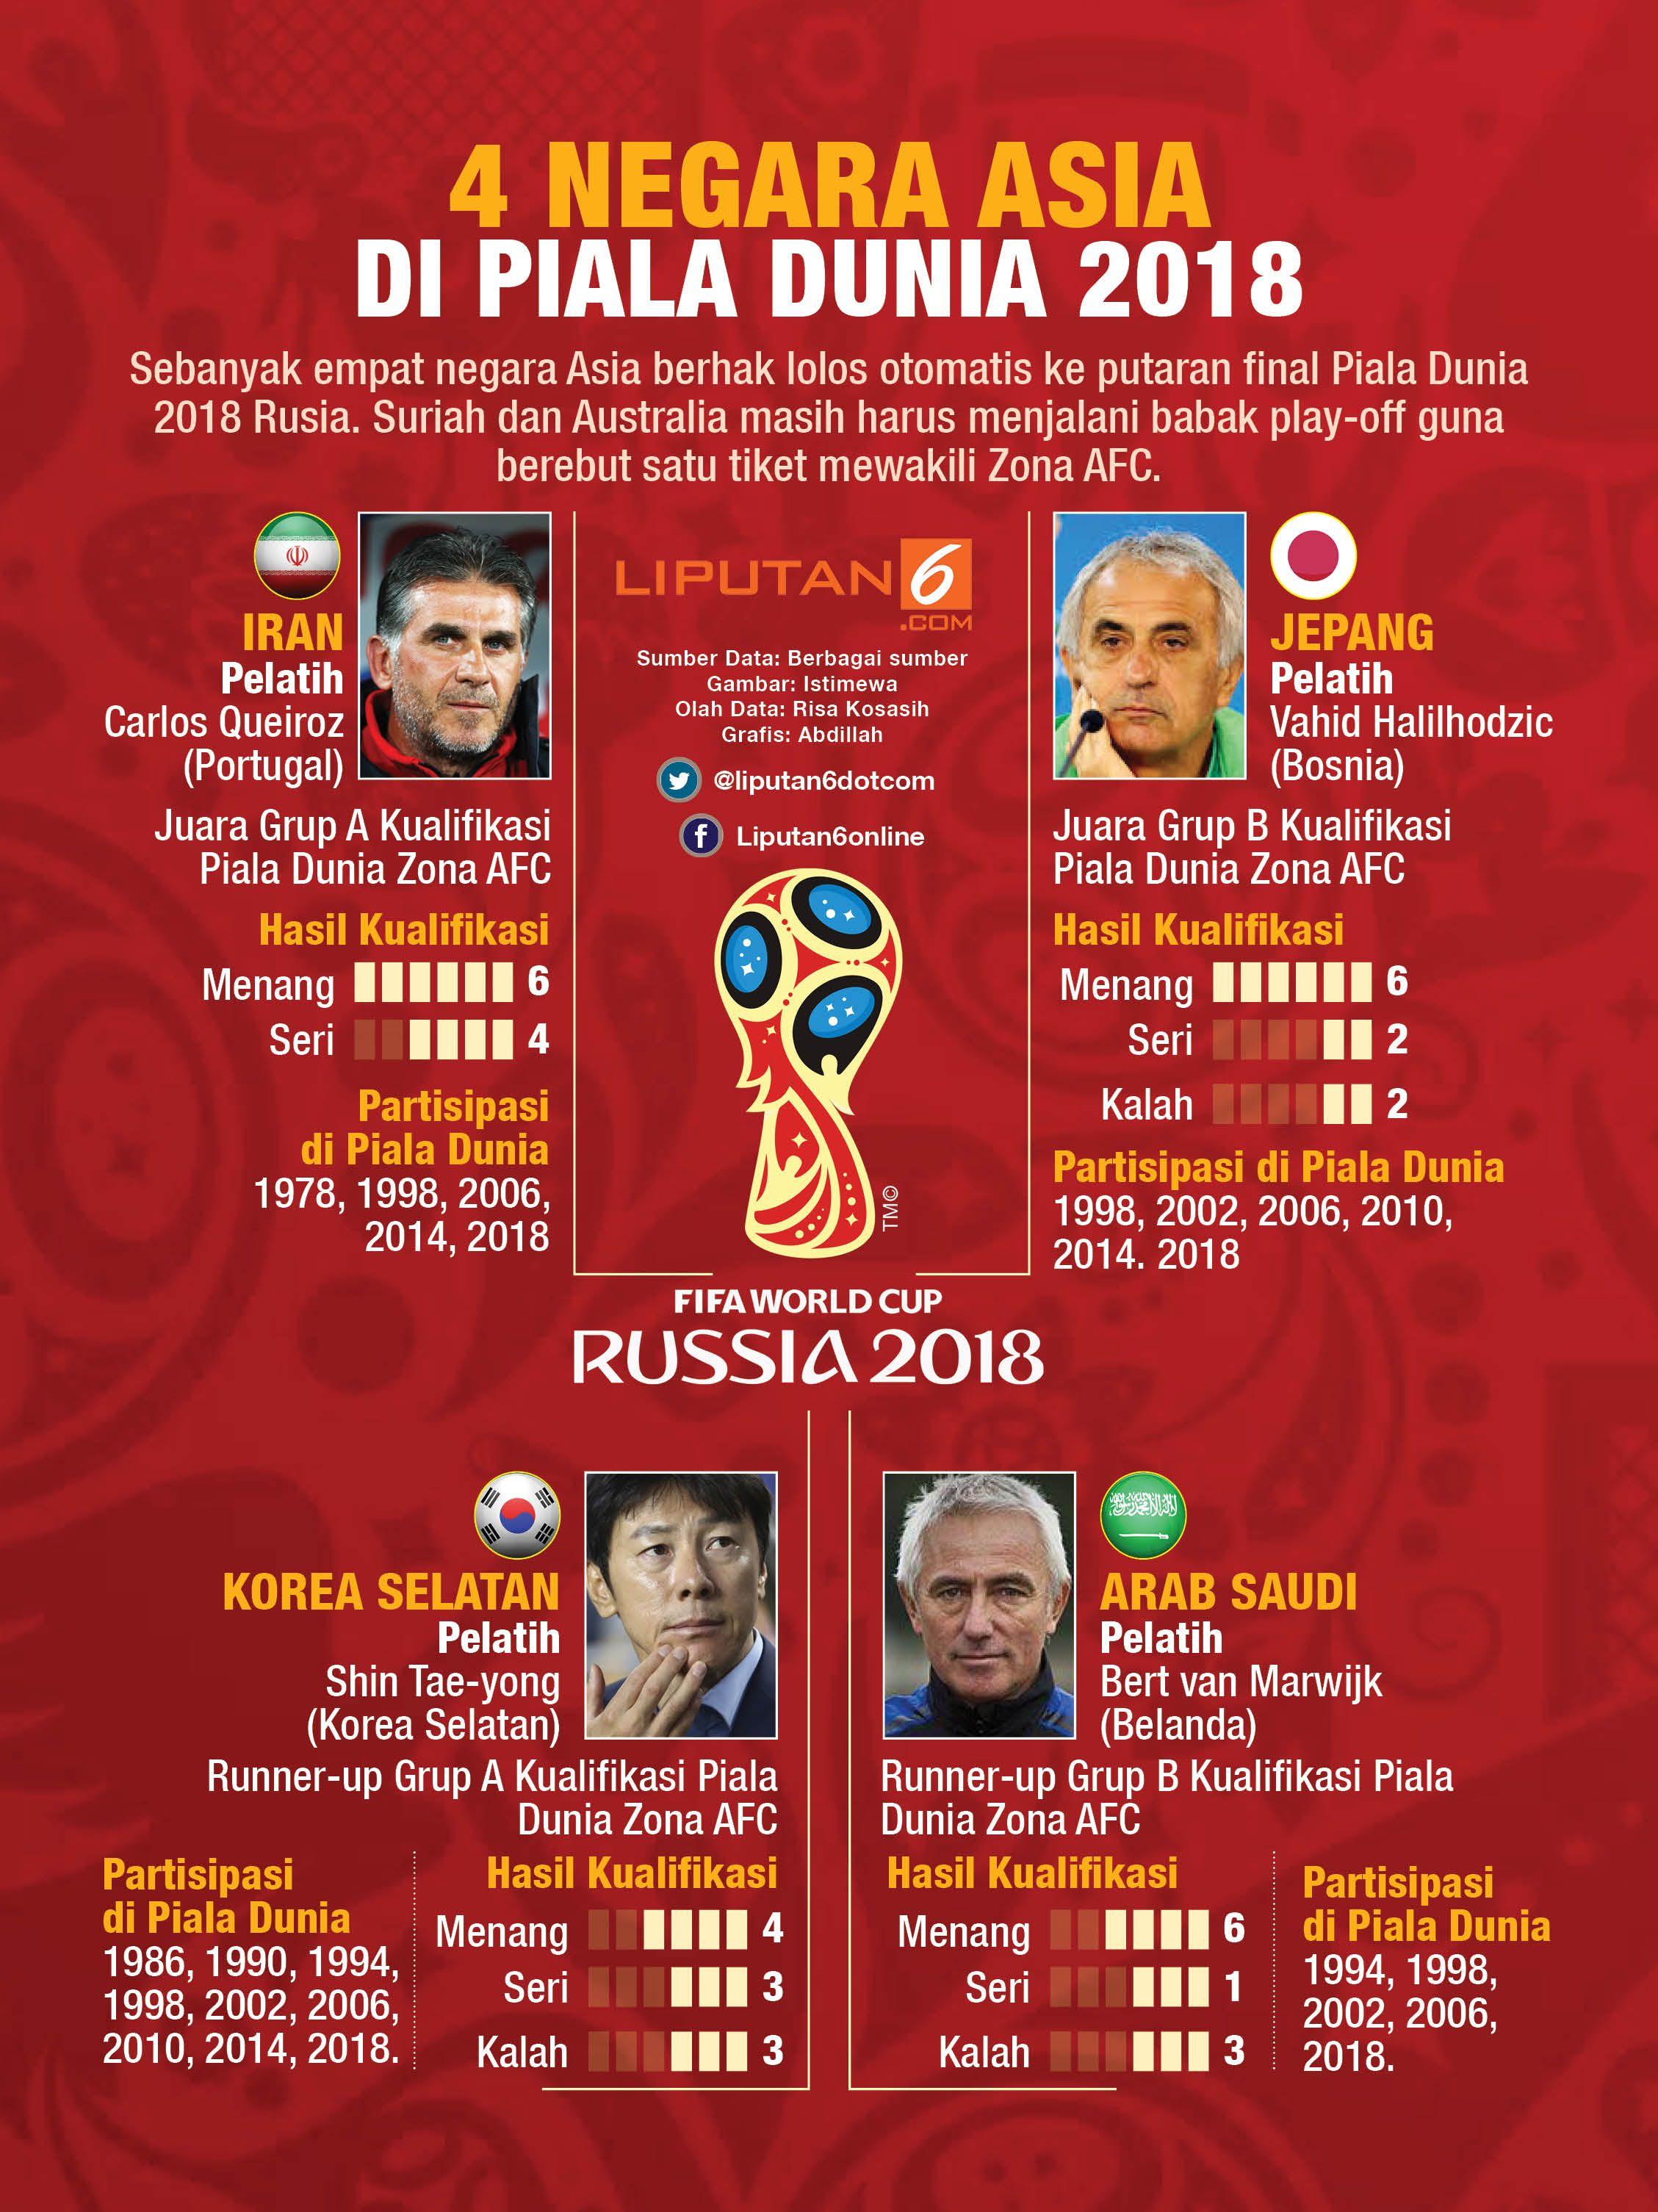 4 Negara Asia Di Piala Dunia 2018